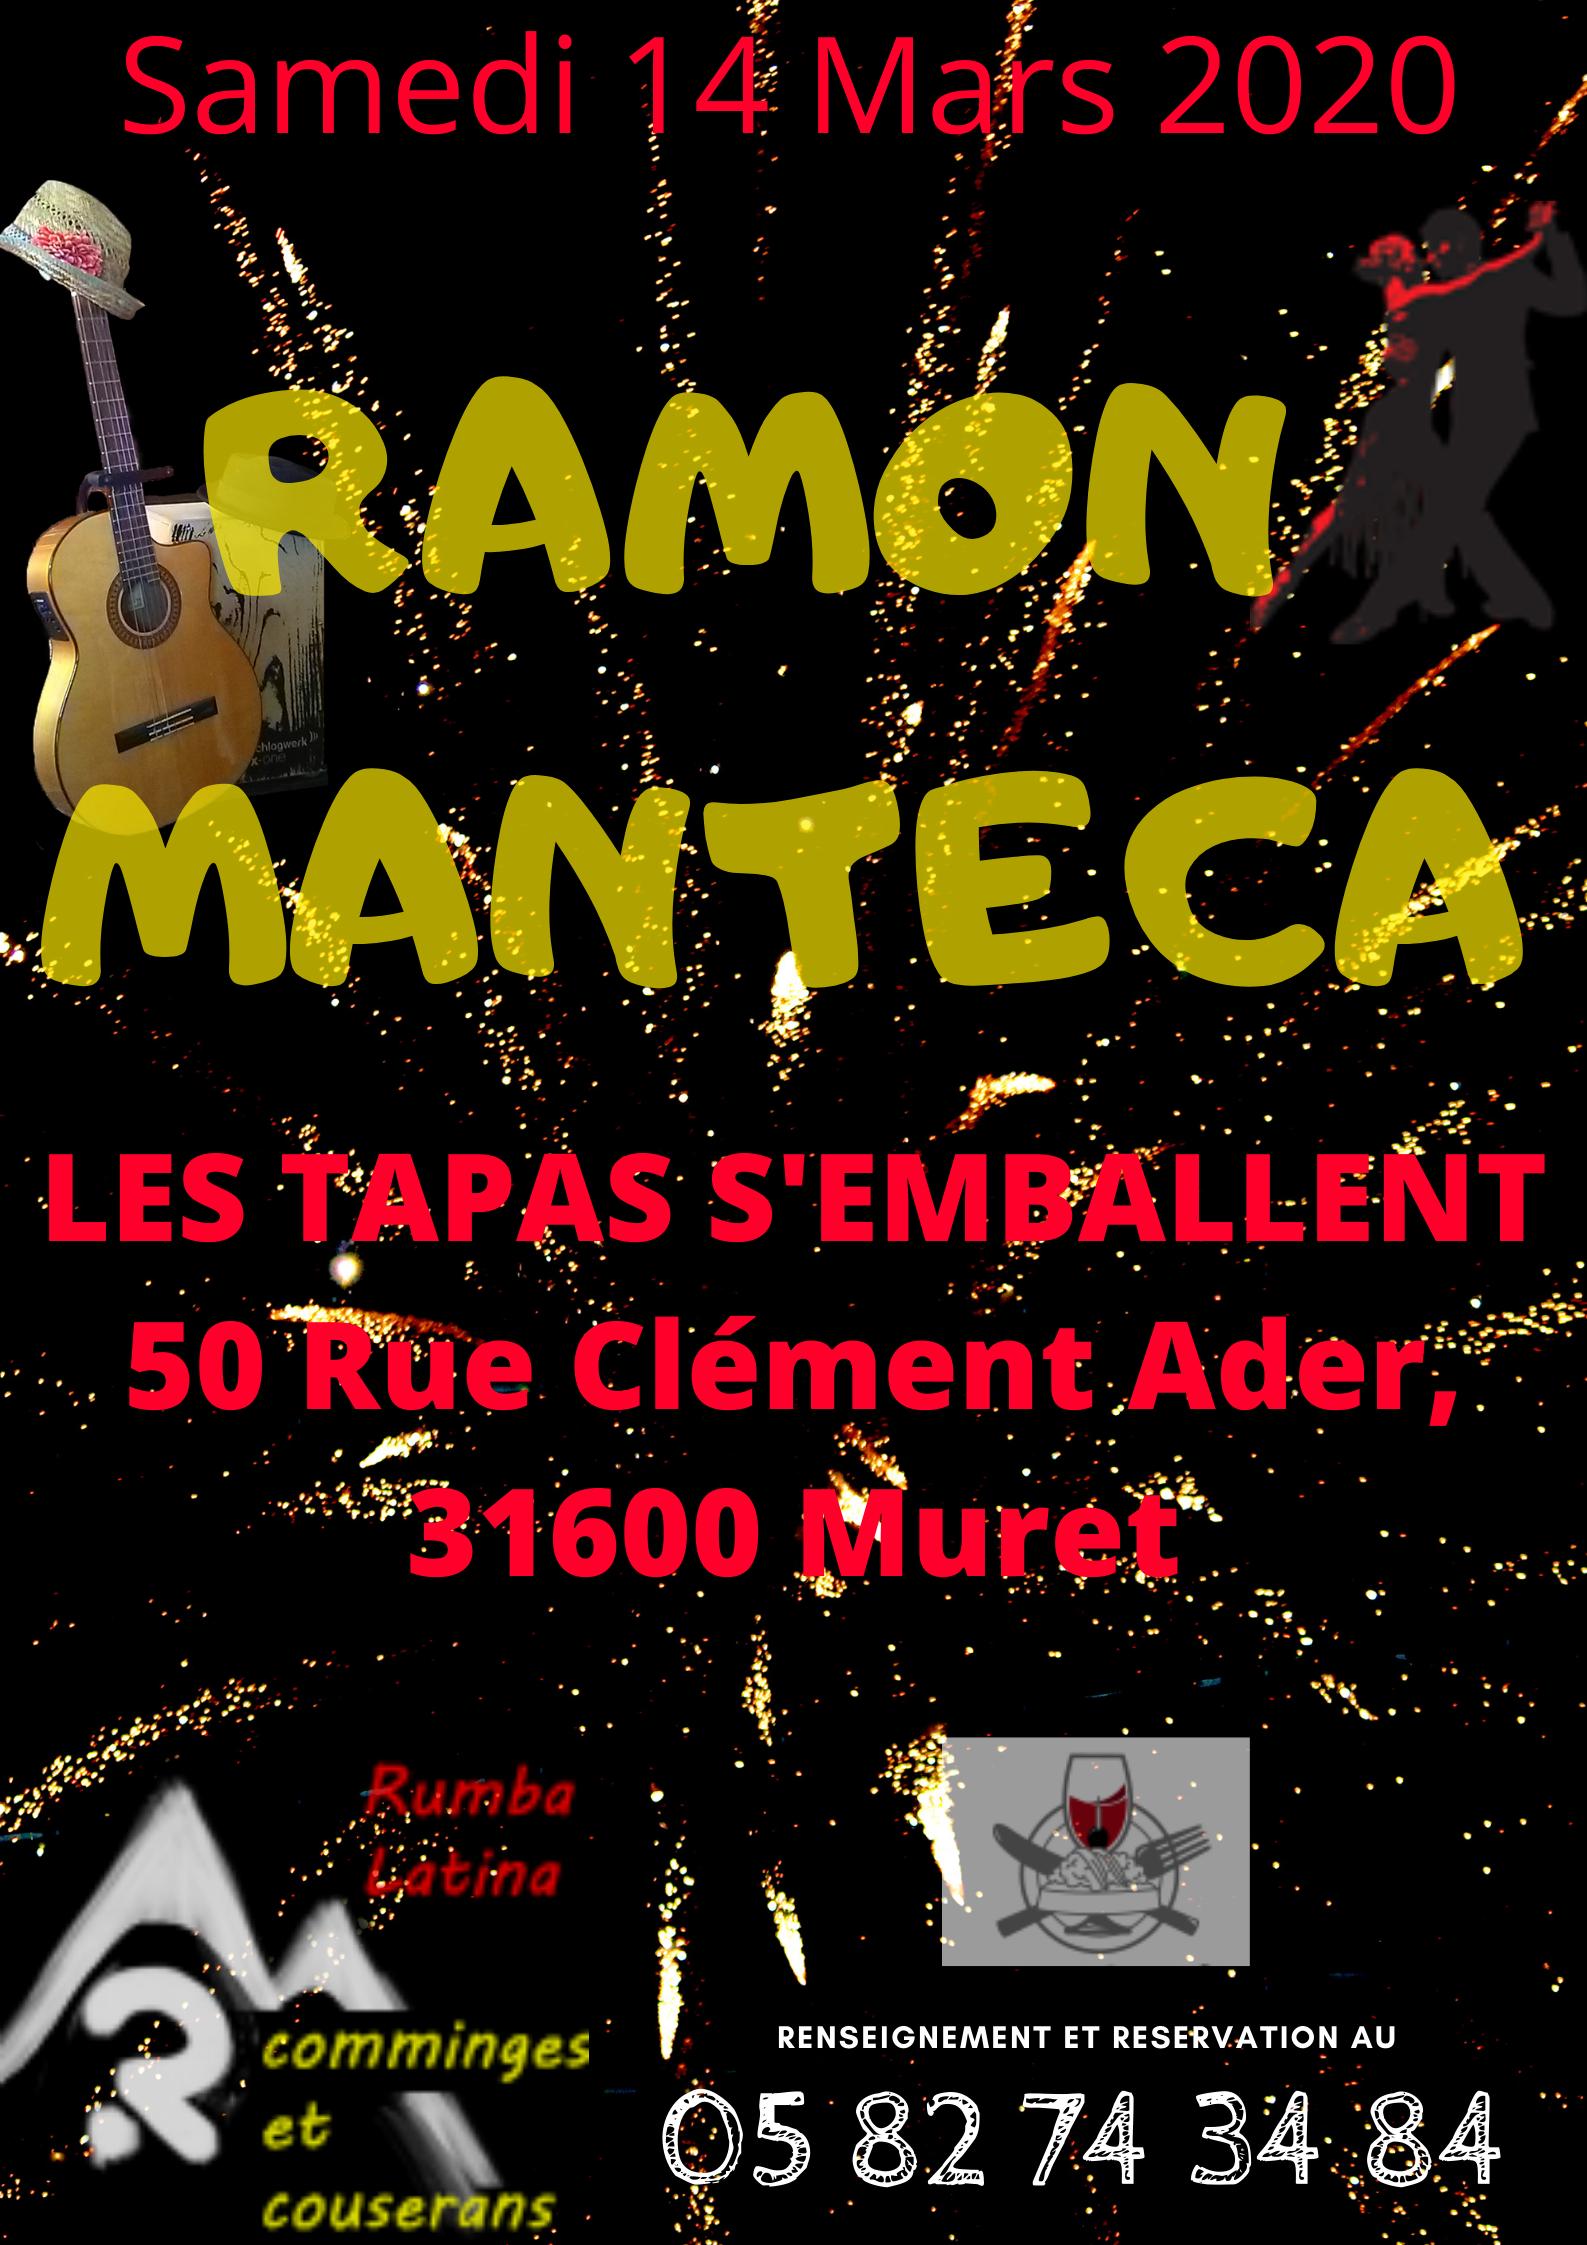 Rumba Flamenca avec le groupe RAMON MANTECA le 14 mars 2020